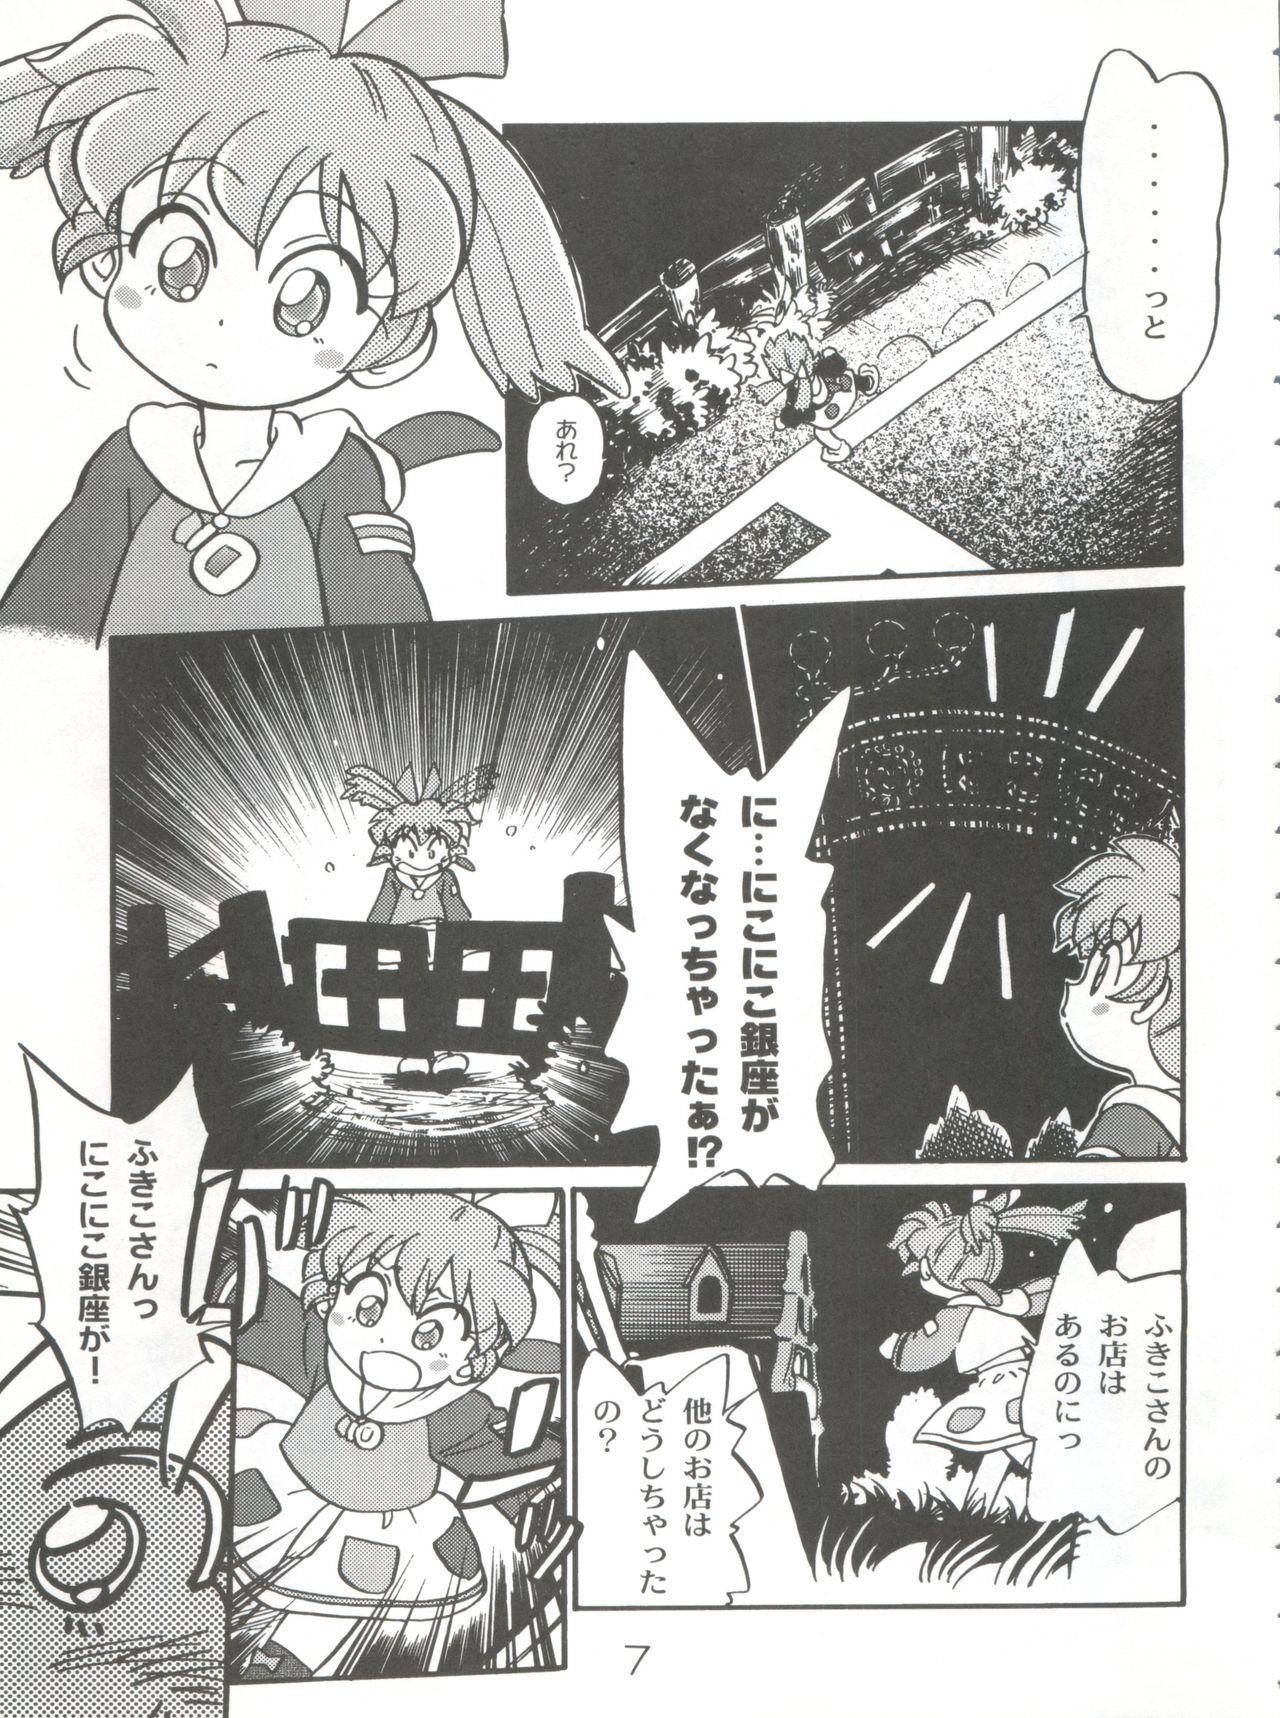 Mahou no Okusuri 5